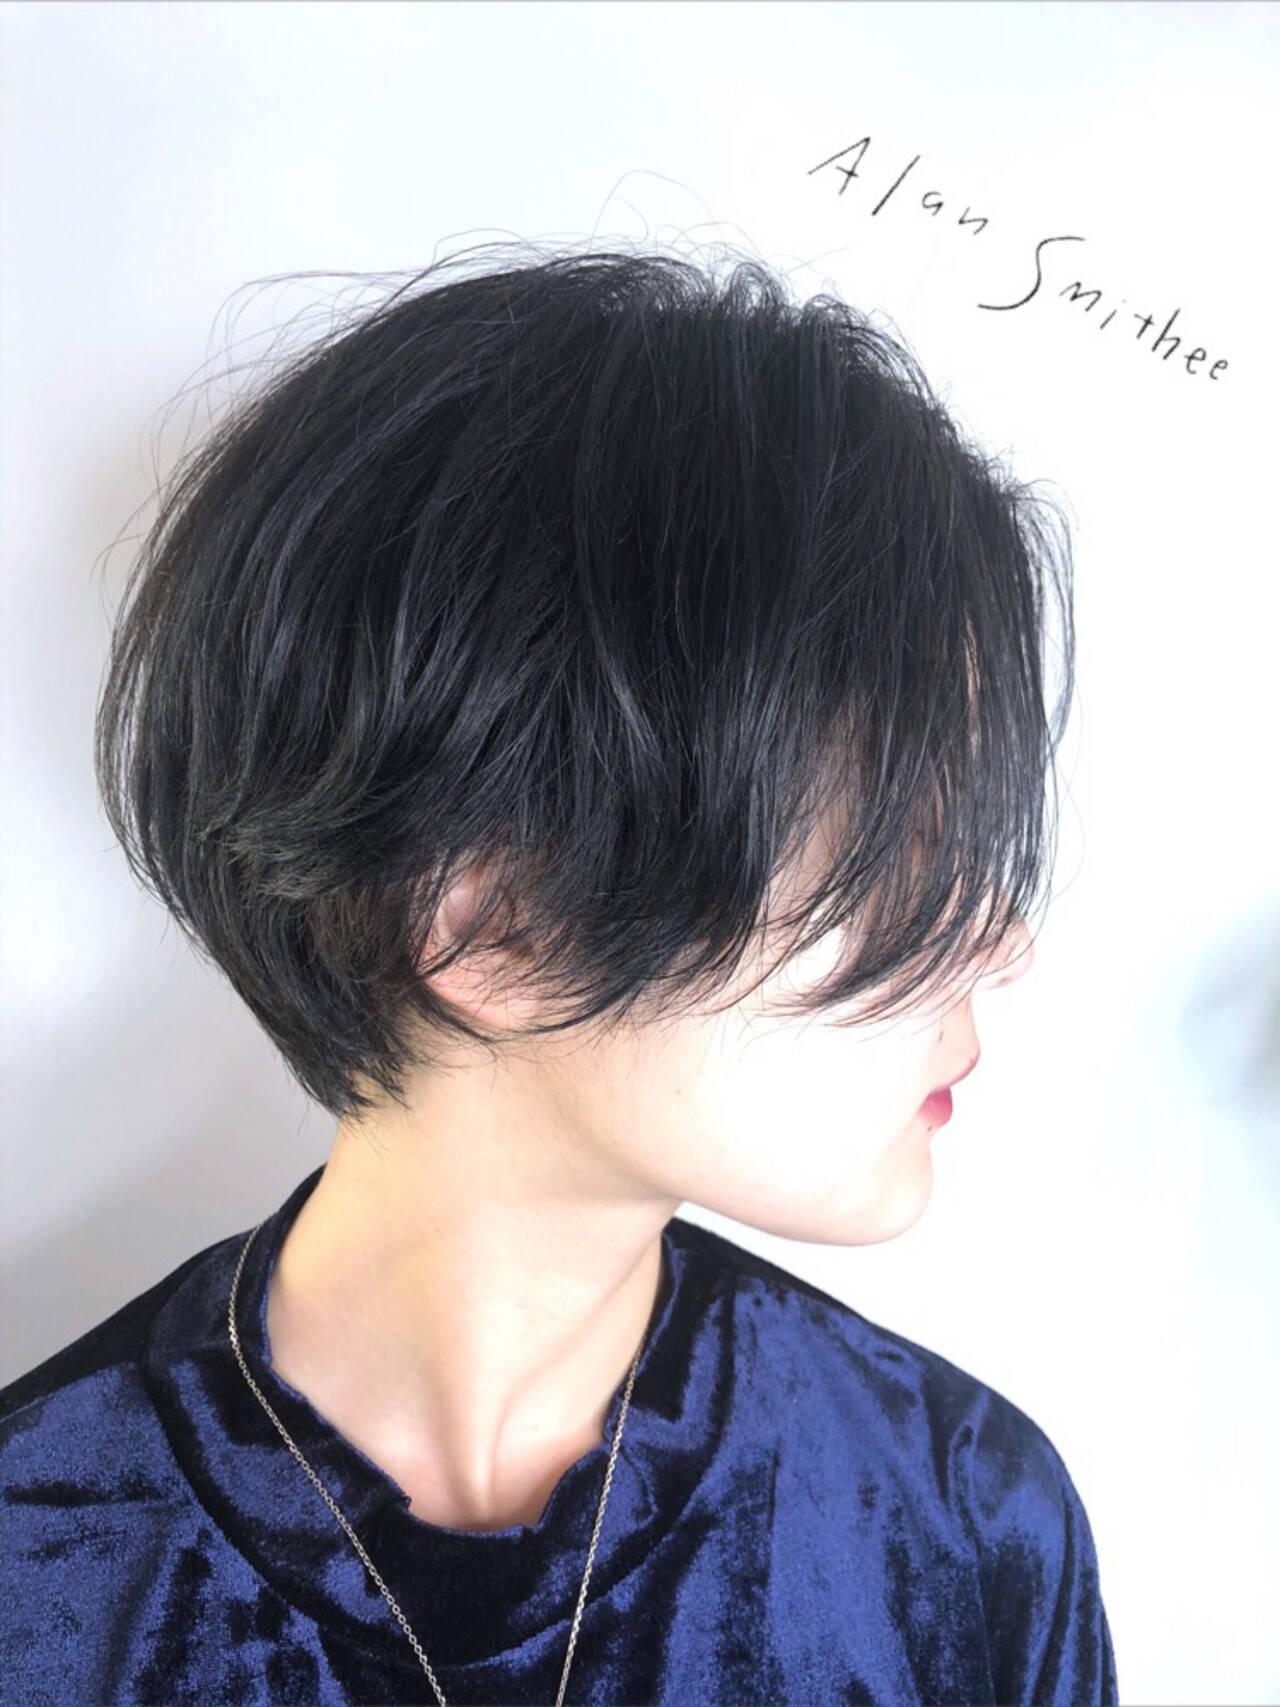 ハンサムショート アッシュグレー モード ブルーアッシュヘアスタイルや髪型の写真・画像